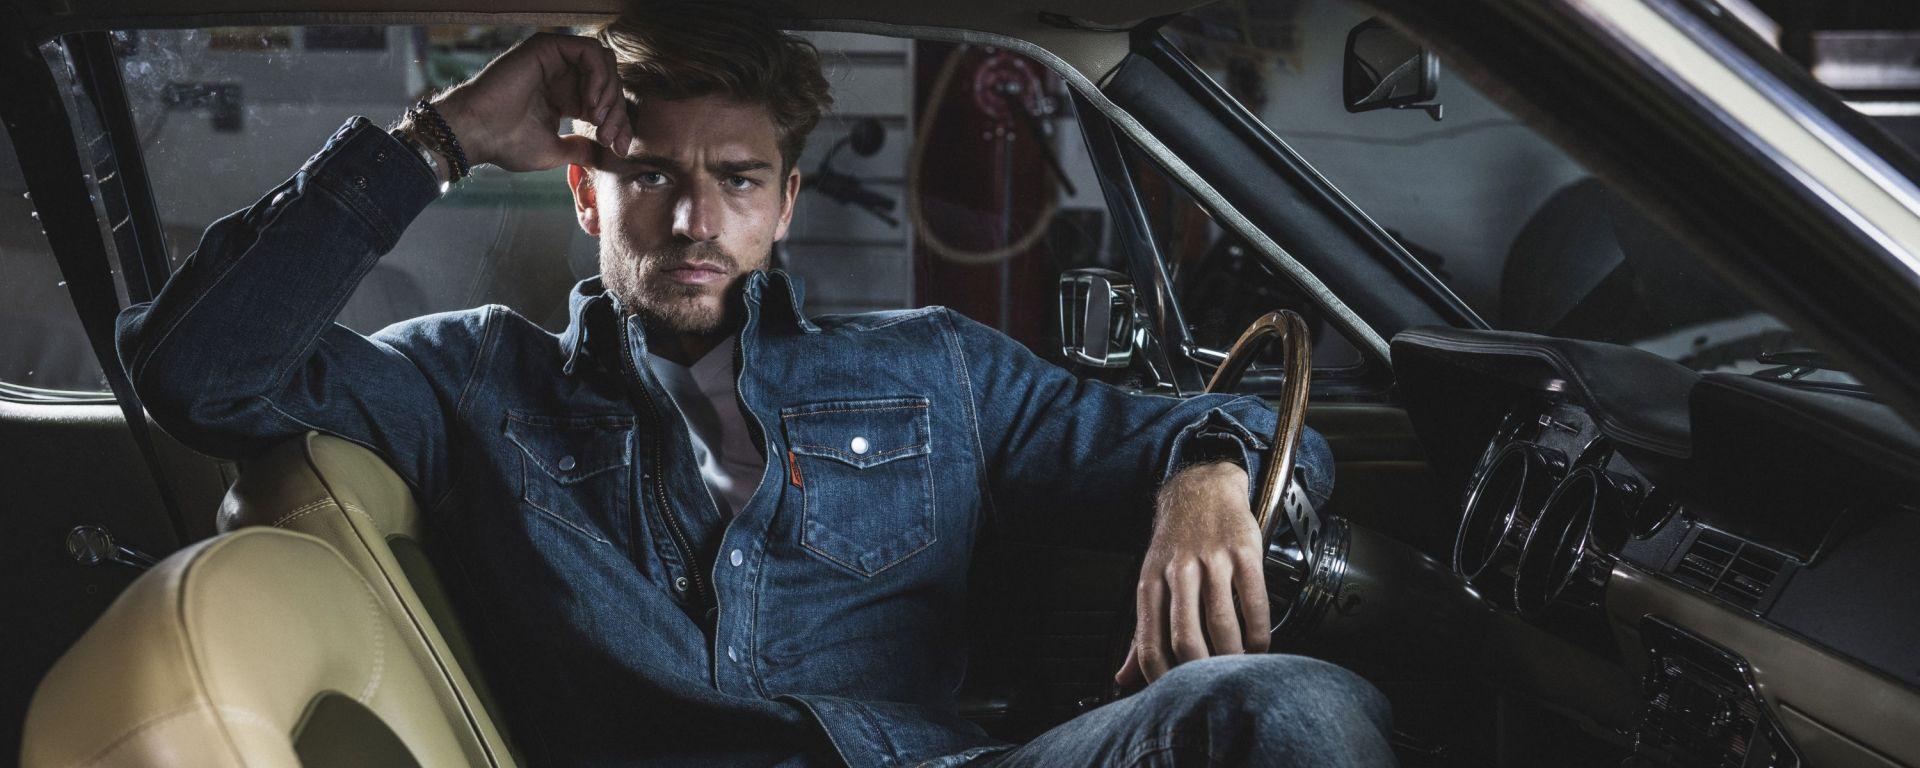 Segura Terence, camicia denim da moto